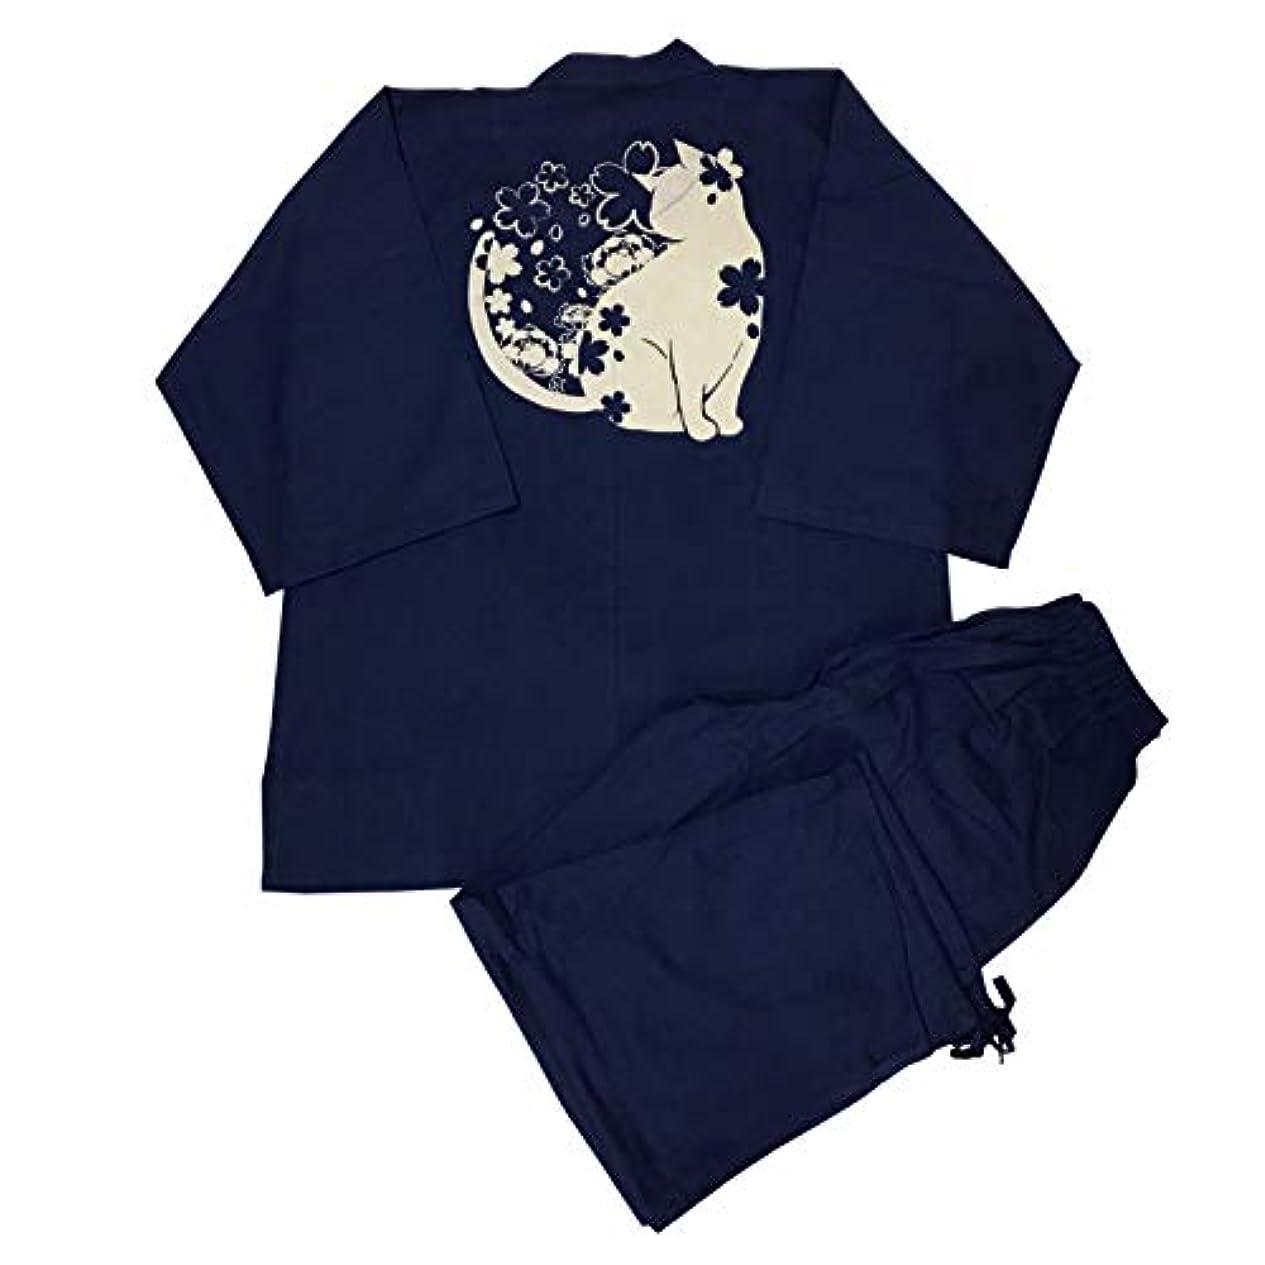 ギネス封建犬[江戸てん] 作務衣 柔らかい平織り 抜染オリジナル柄 綿100% メンズ